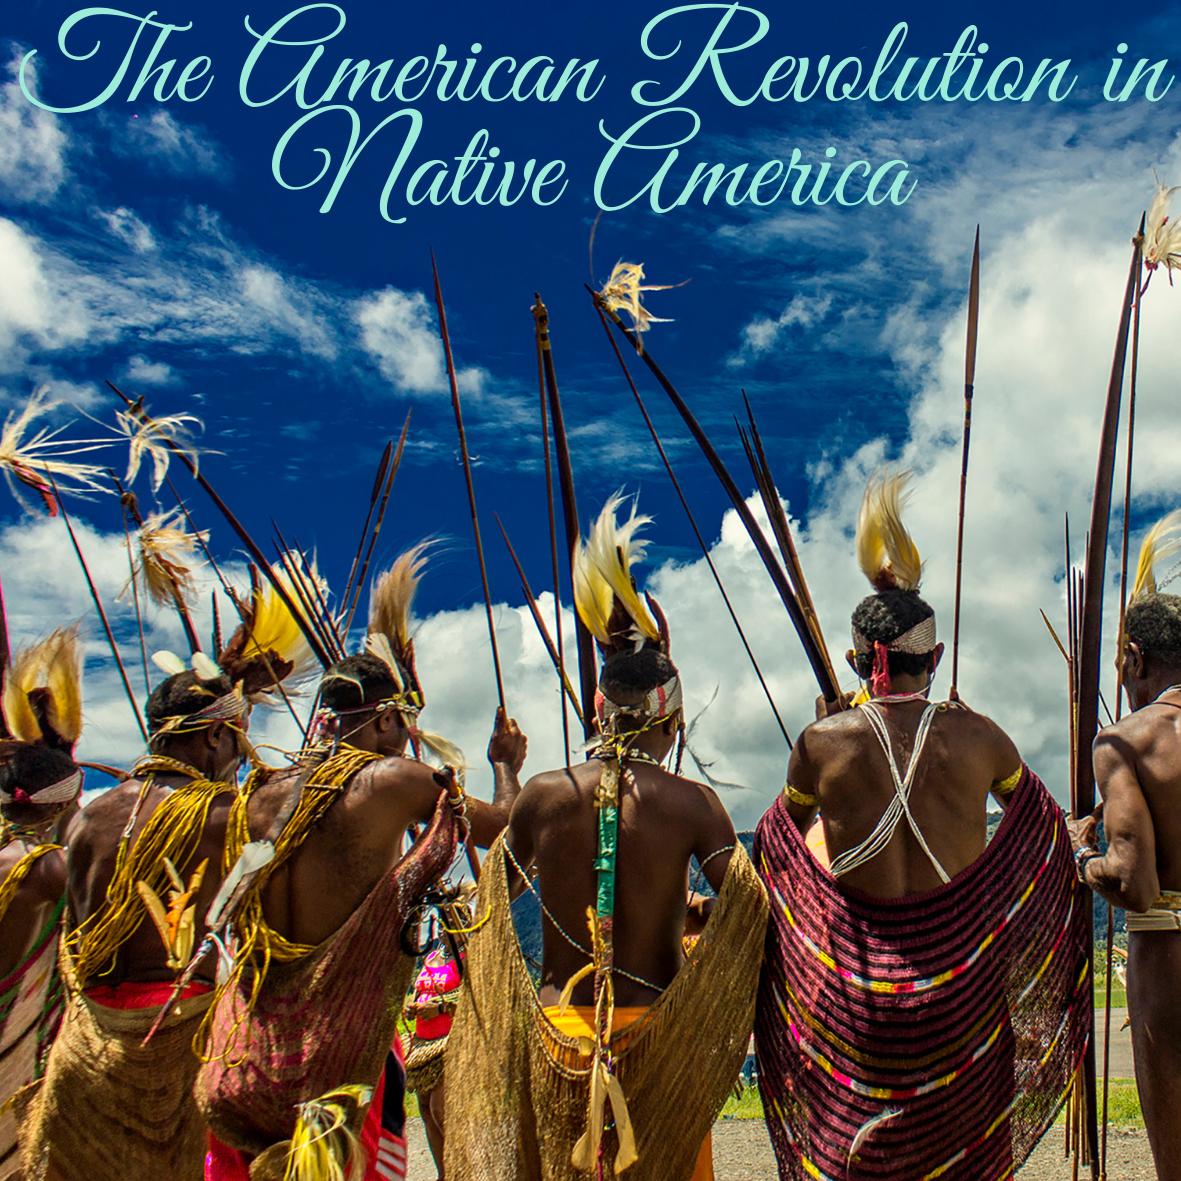 The American Revolution in Native America